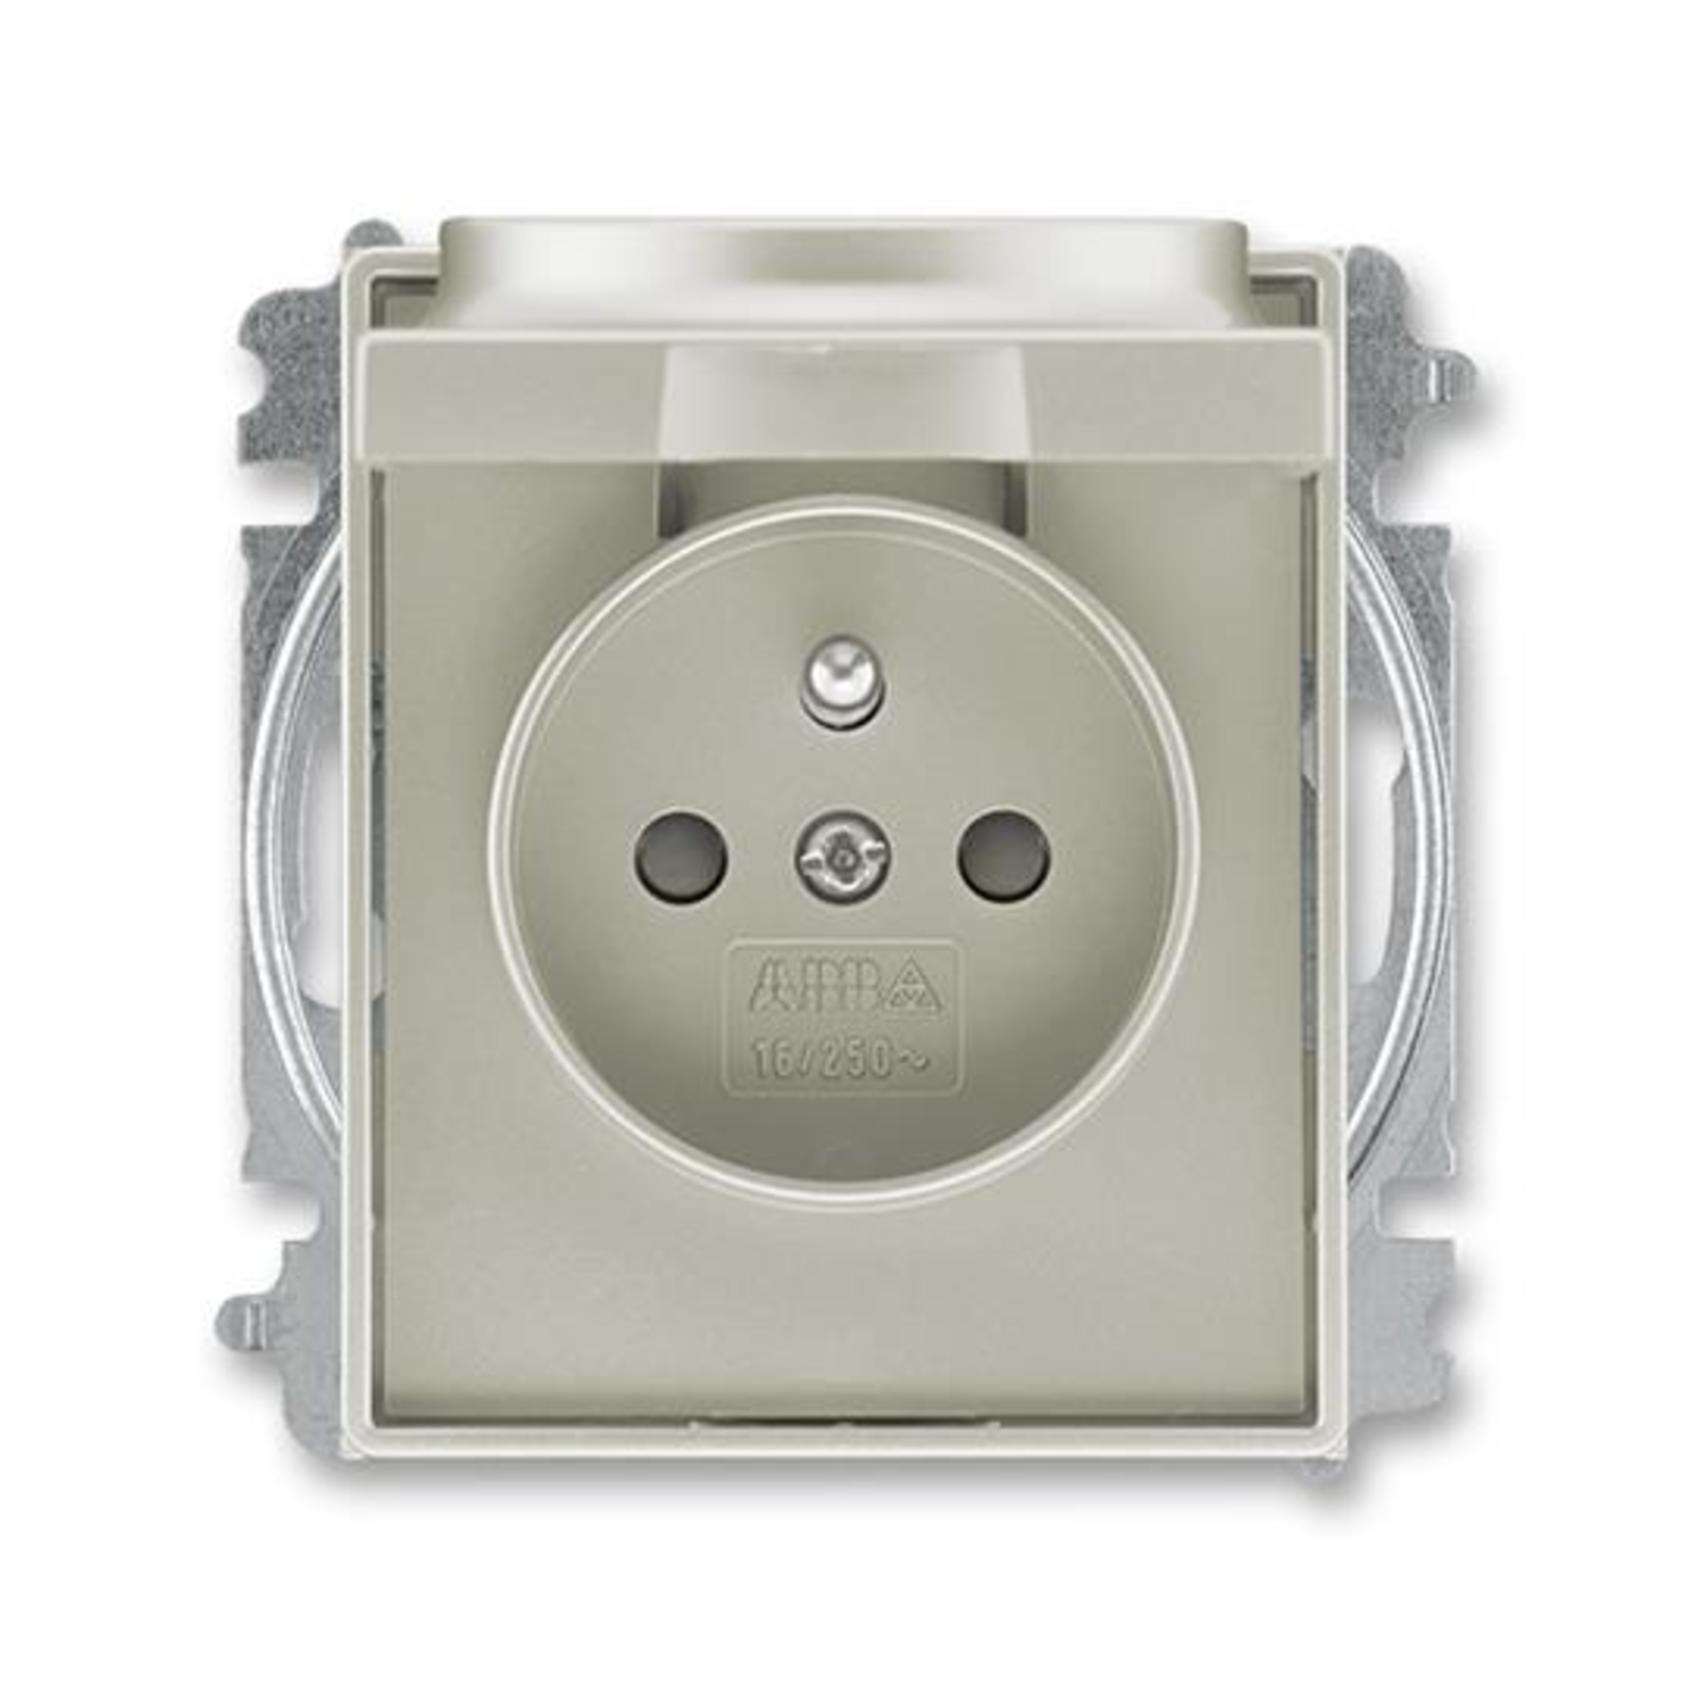 ABB 5519E-A02397 32 Time Zásuvka jednonásobná, chráněná, s clonkami a víčkem, s bezšroub. sv.